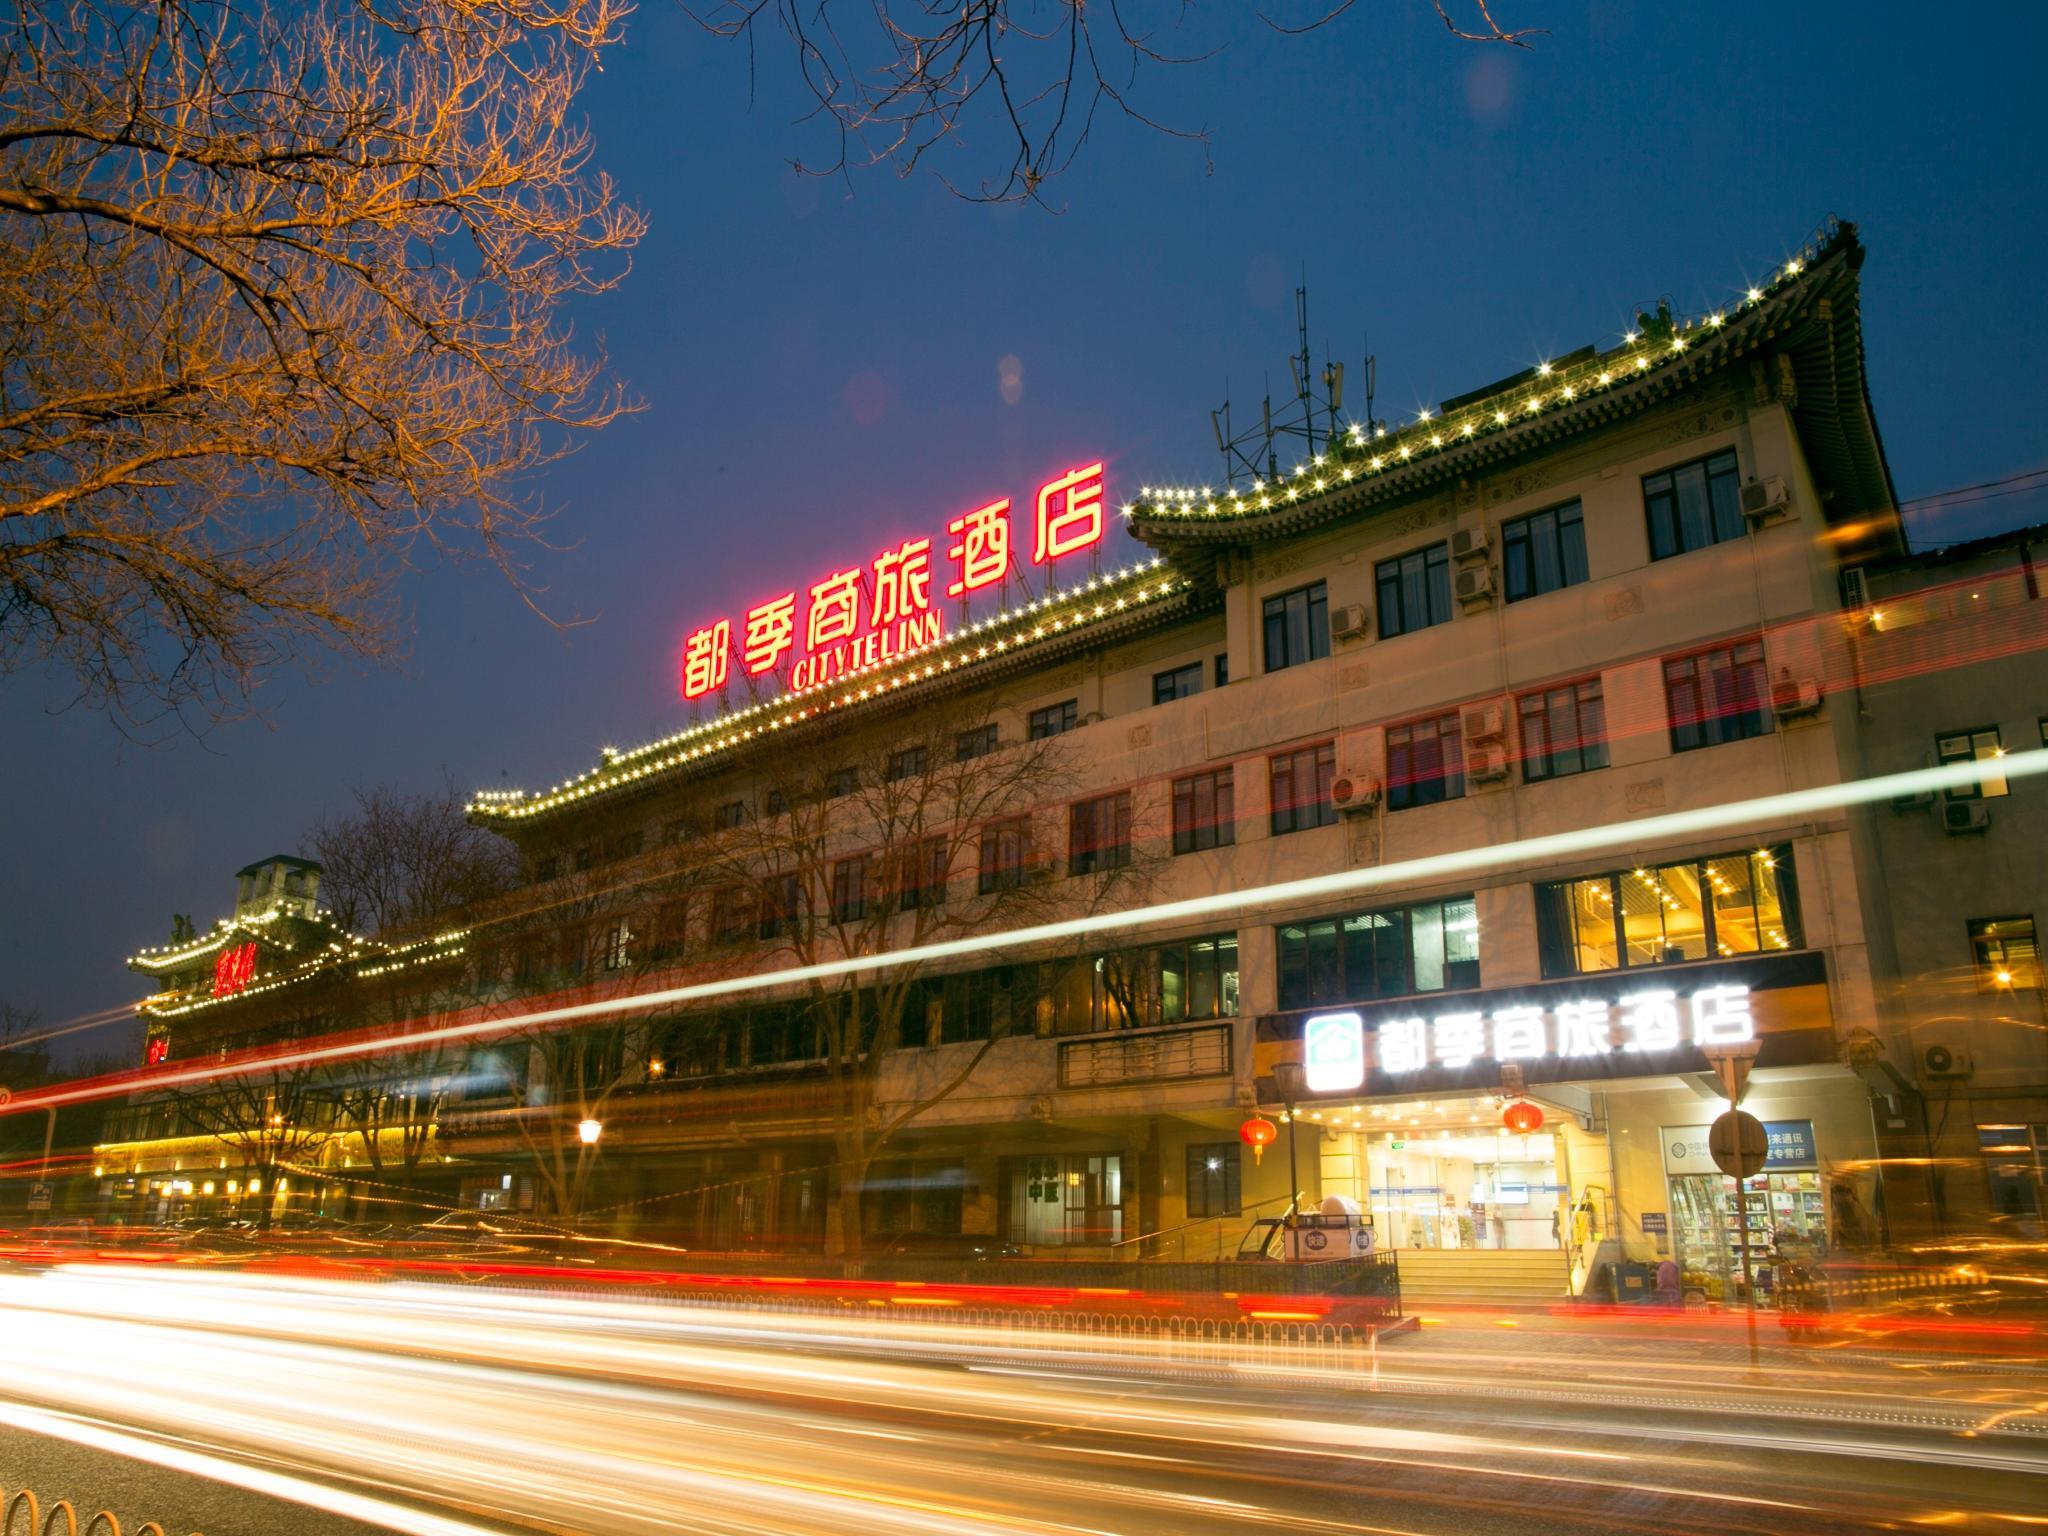 citytel inn in beijing room deals photos reviews rh agoda com